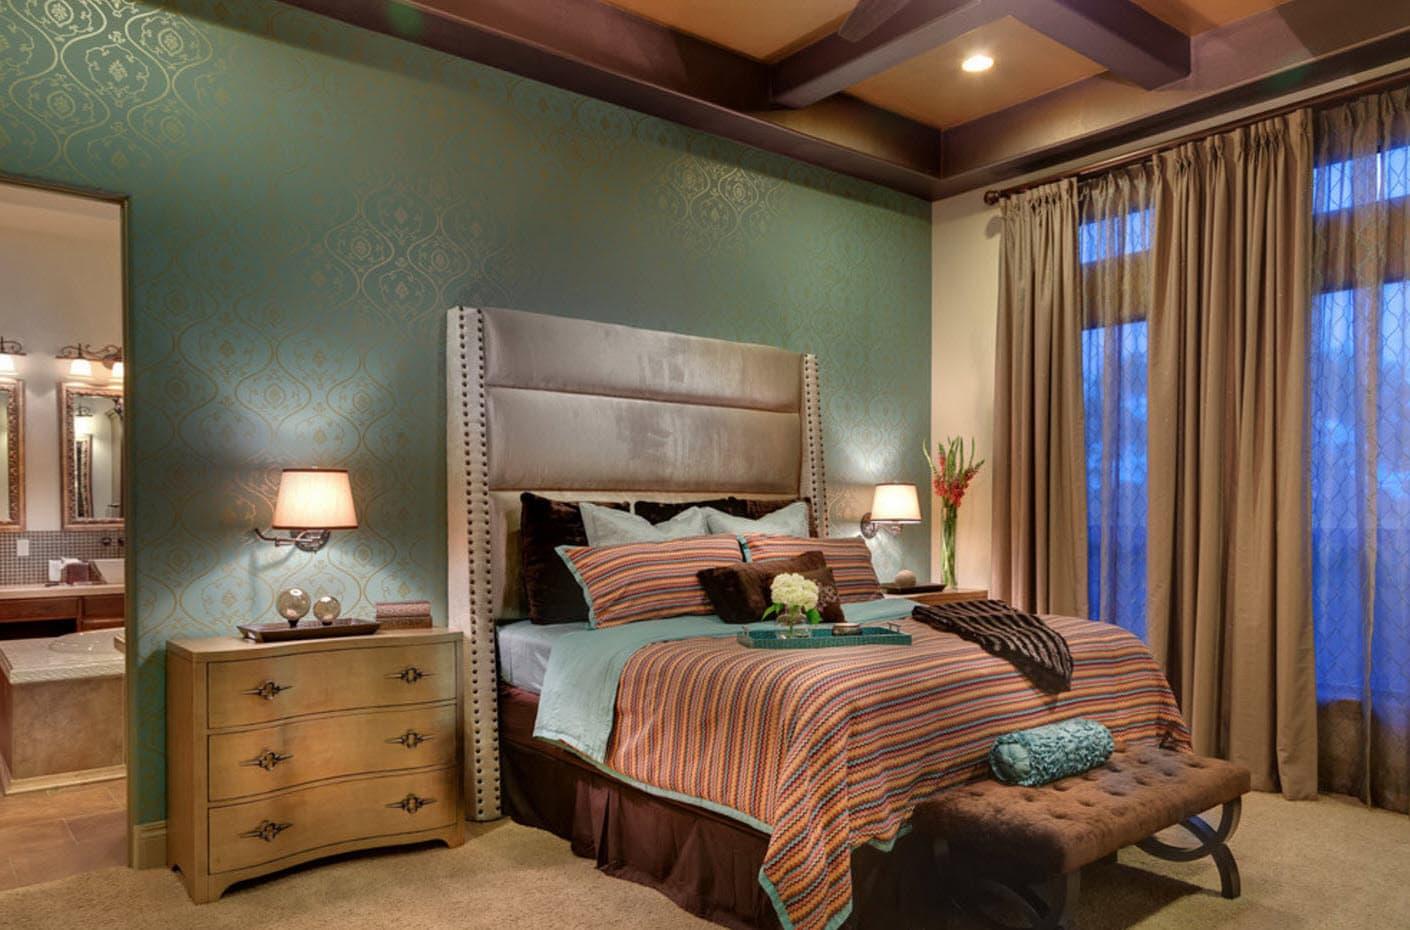 Disposant d'un tube d'obes magnifiques, il n'est pas difficile de créer un accent composite saisissant et le centre de la chambre à coucher.